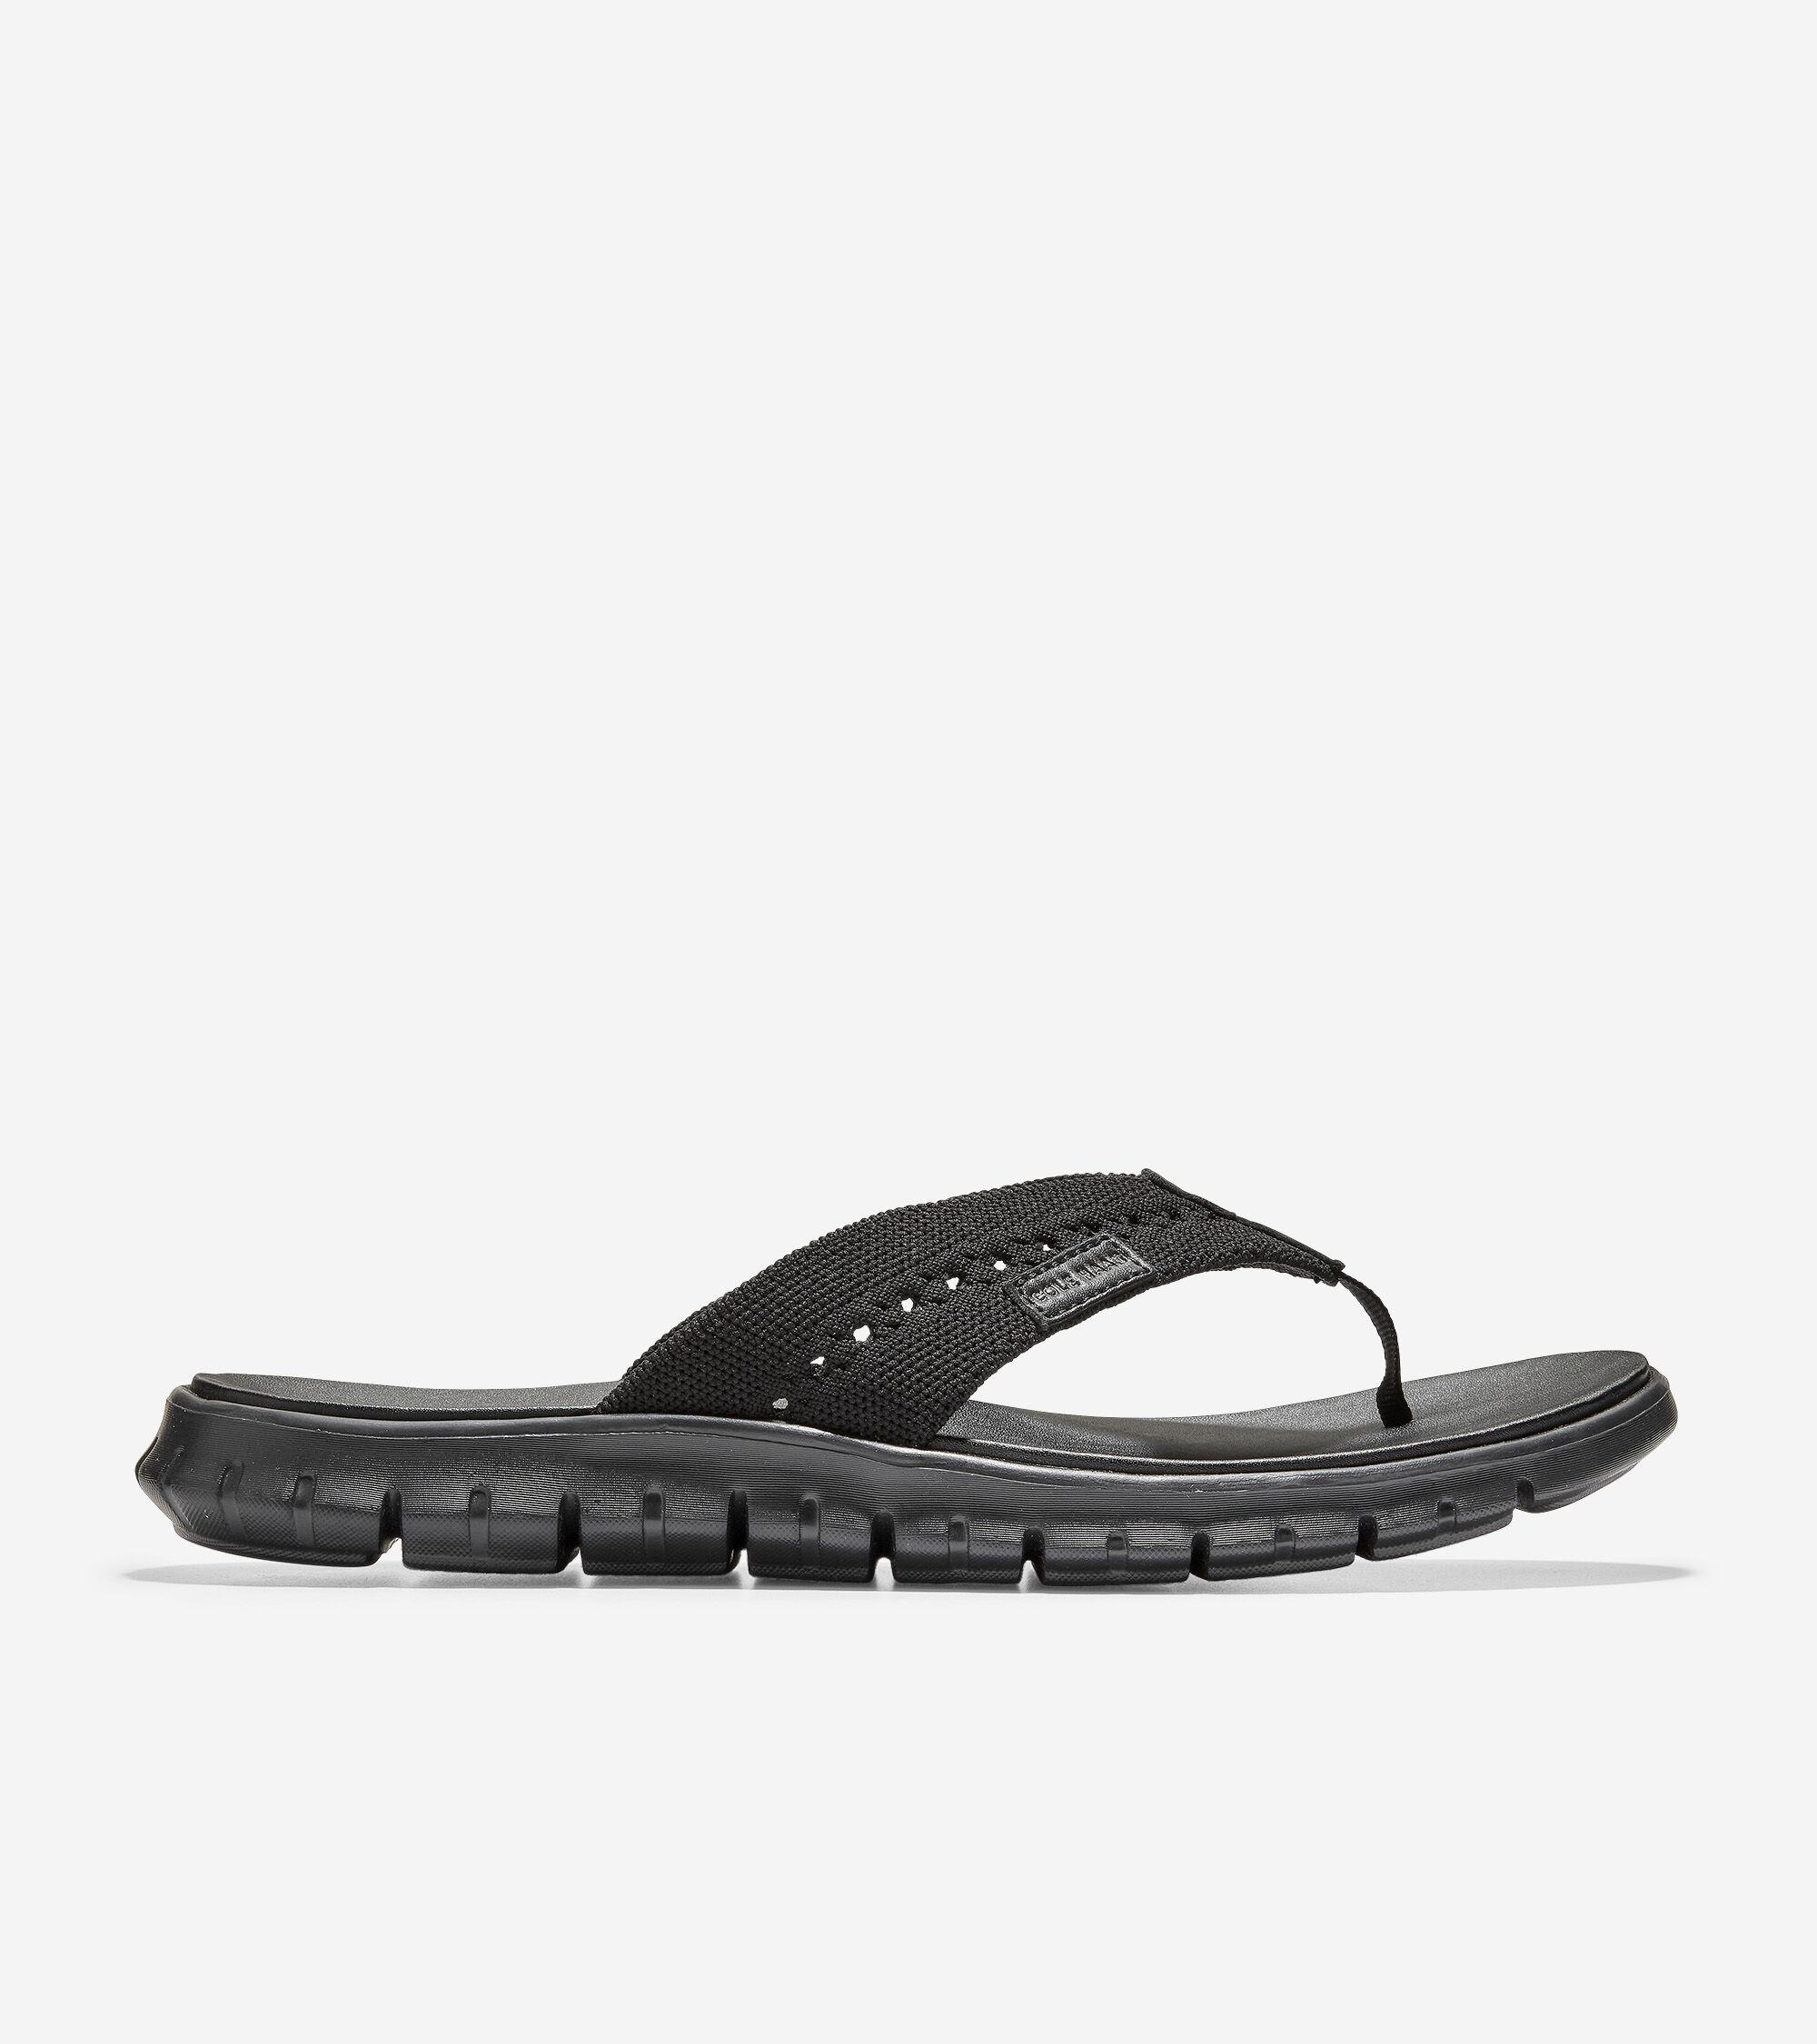 Men's ZERØGRAND Thong Sandal in Black